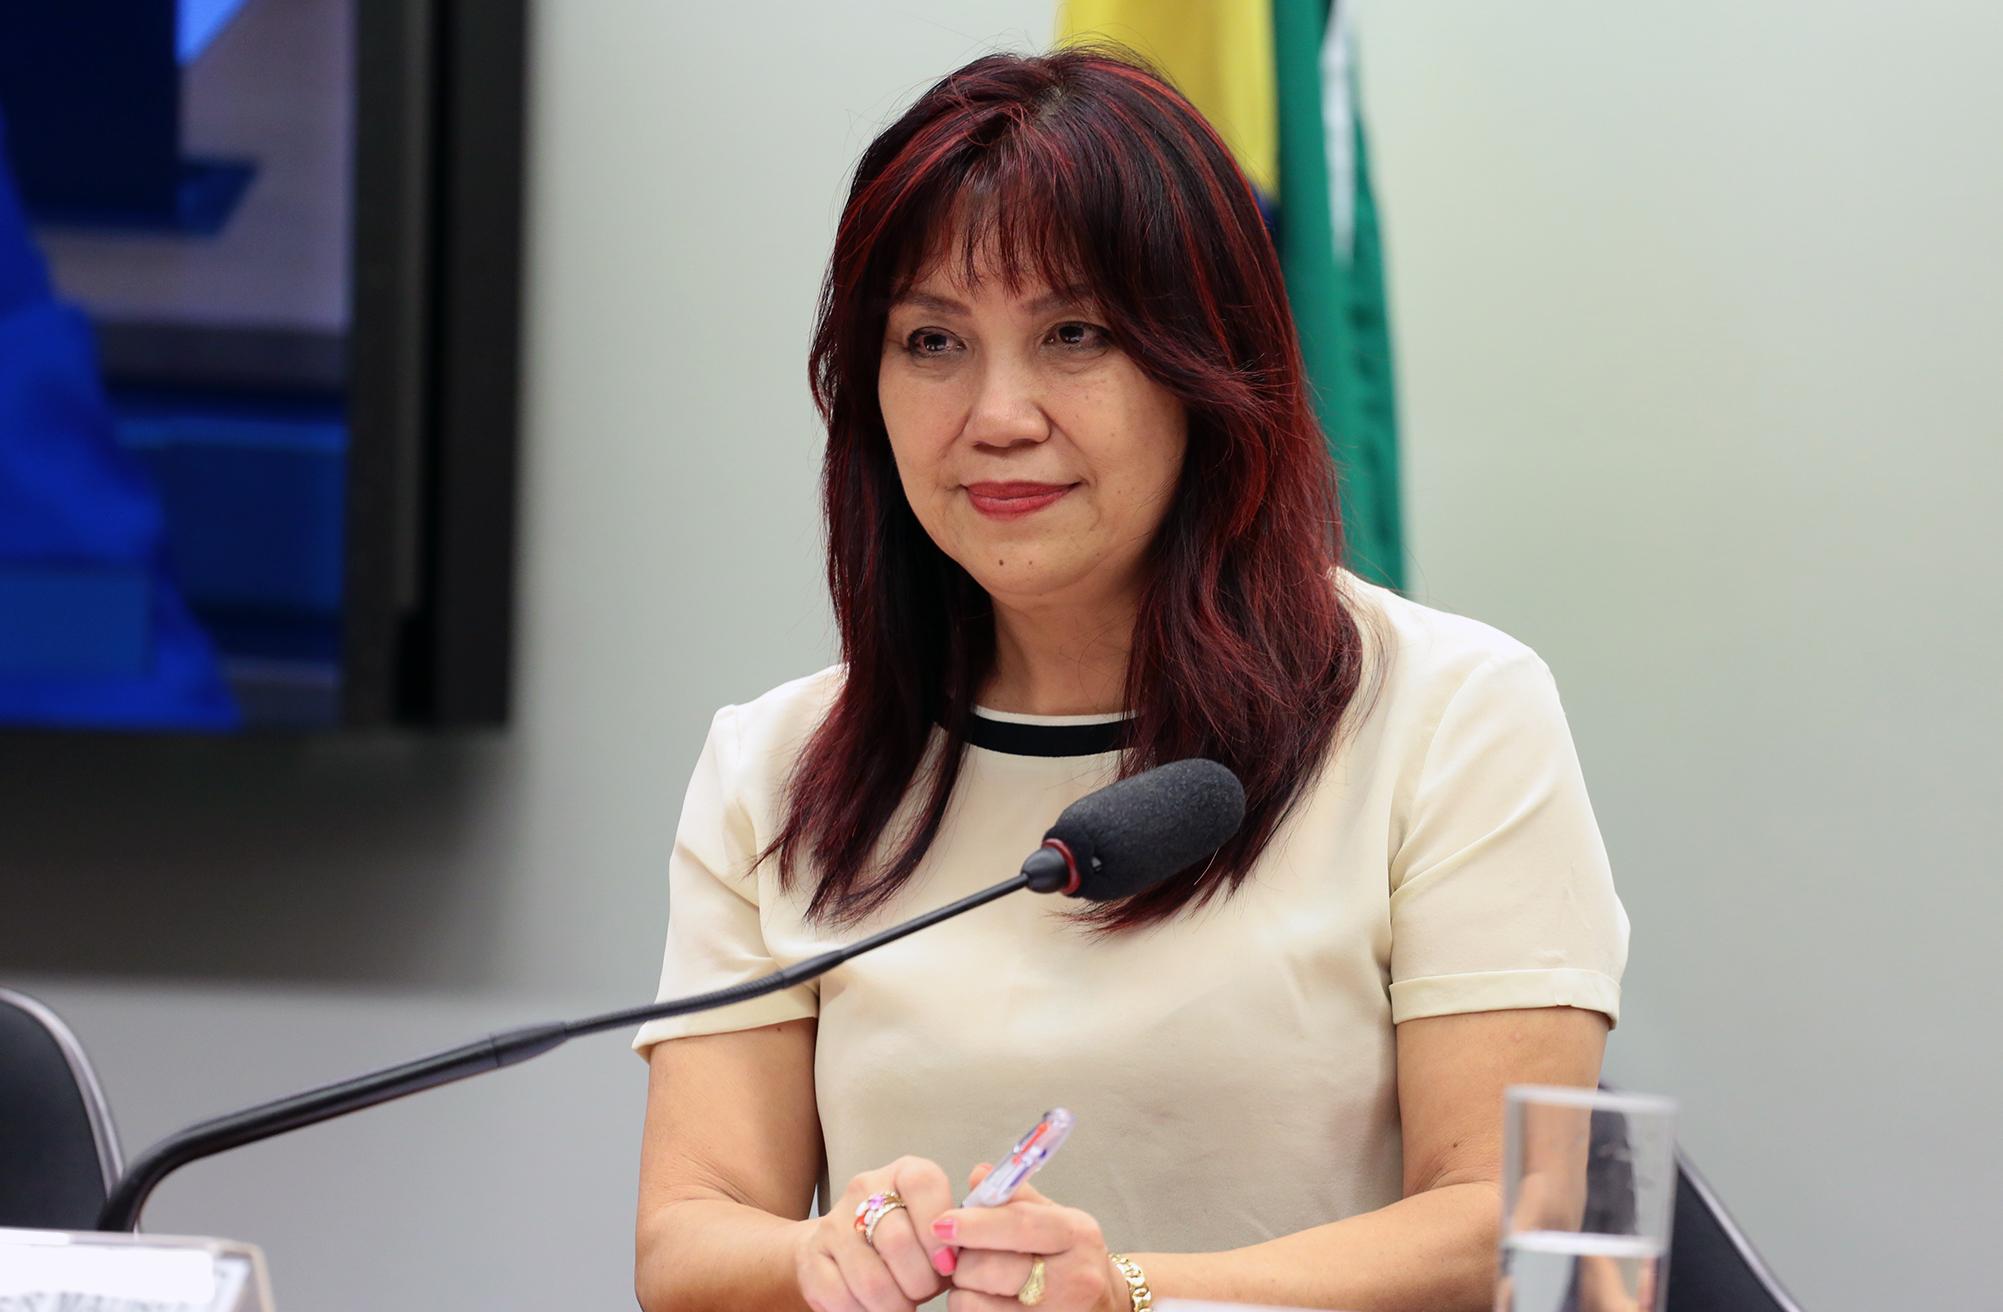 Audiência Pública sobre as medidas cautelares pessoais. Dep. Keiko Ota (PSB - SP)